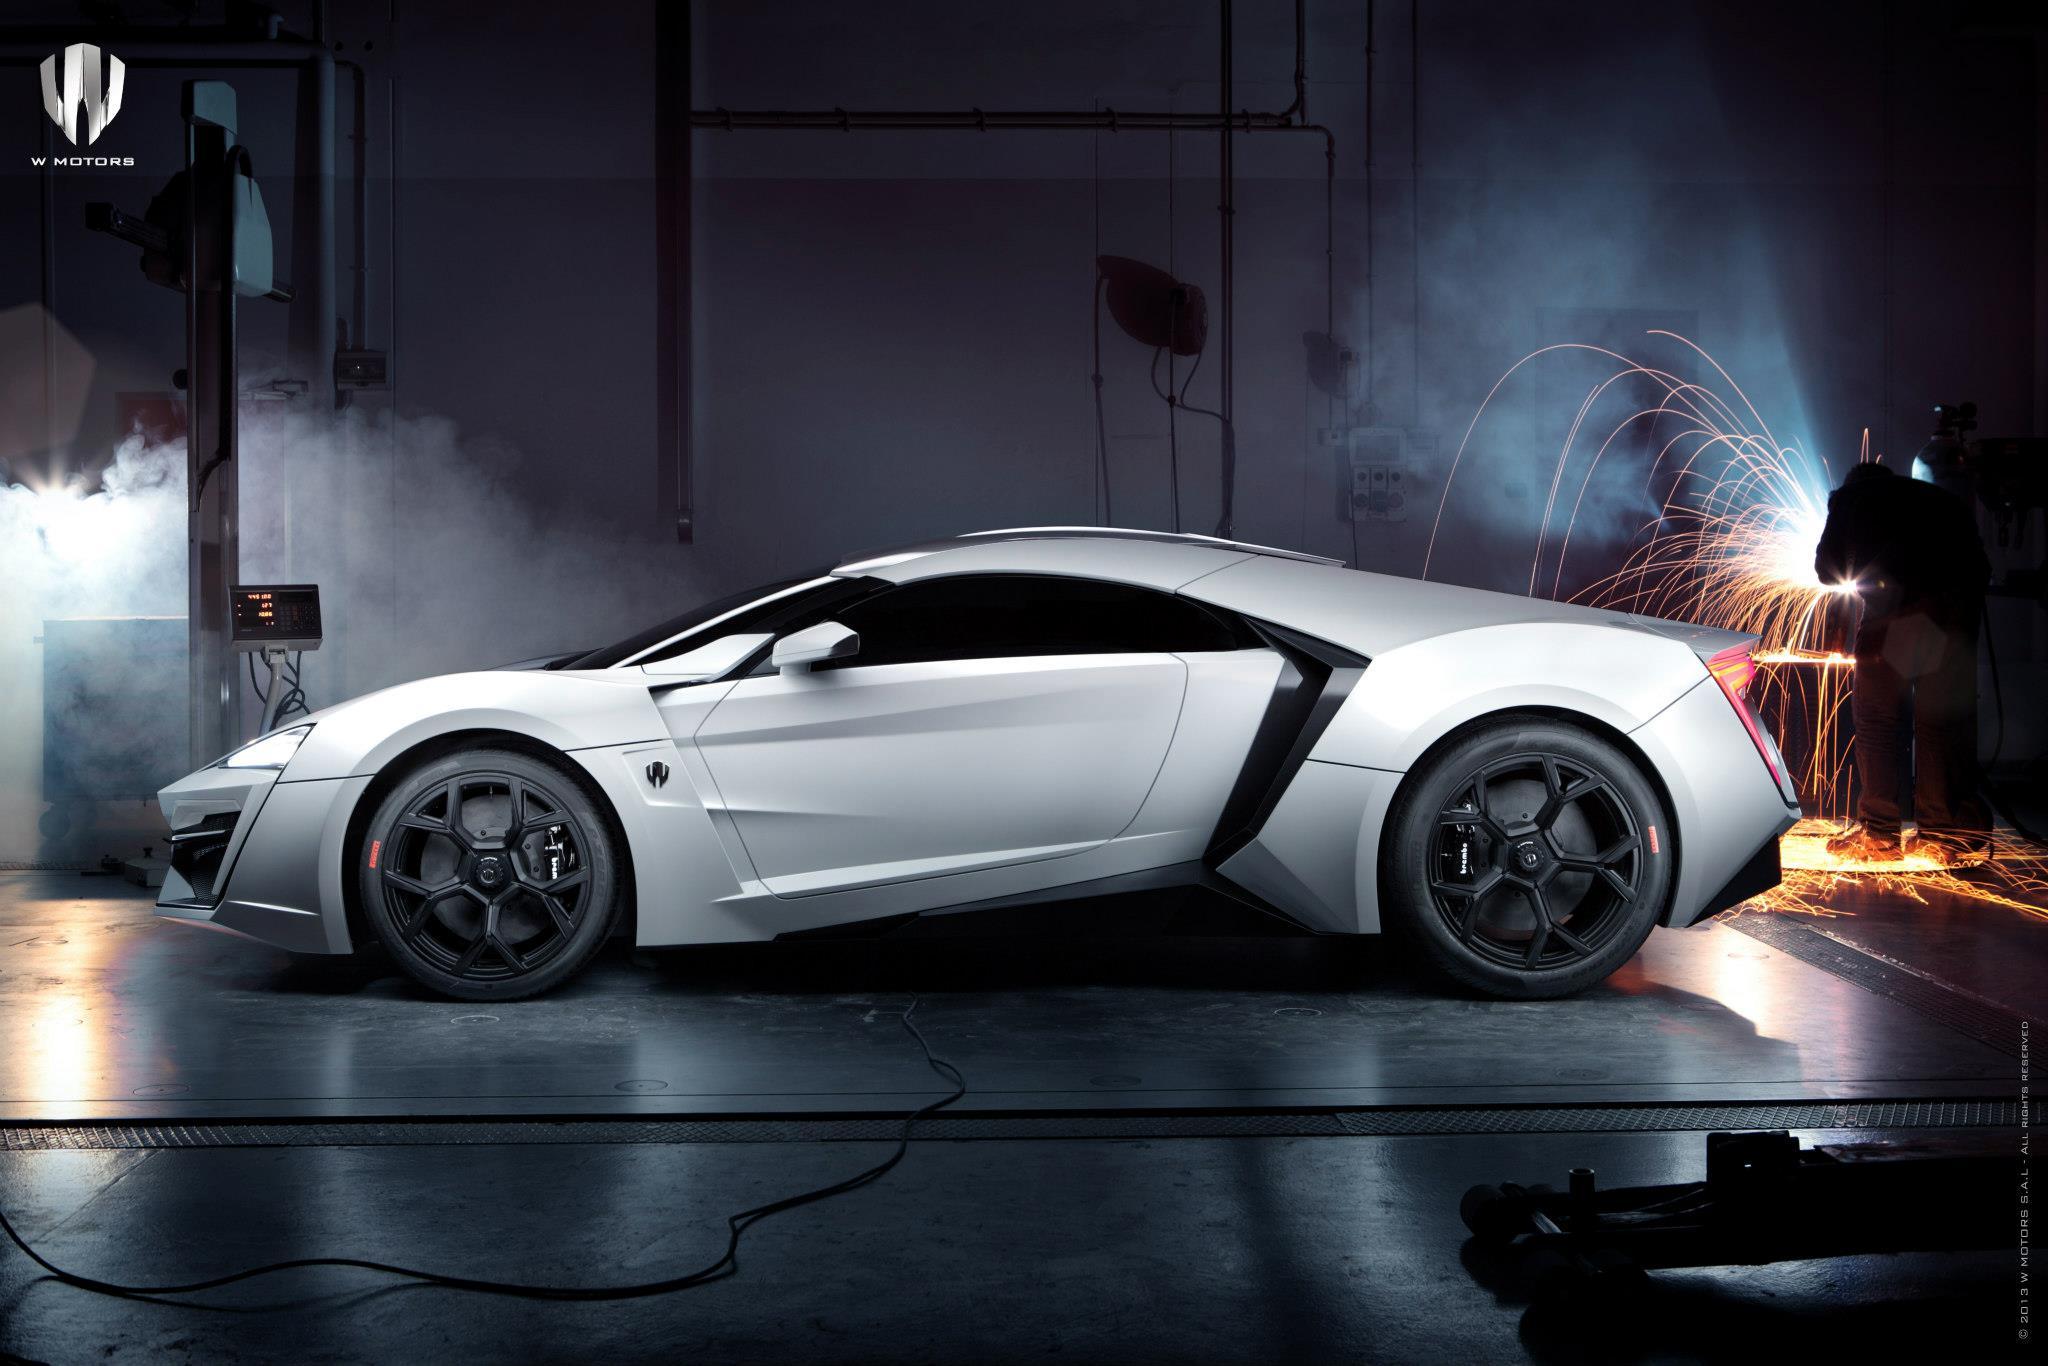 http://images.caradisiac.com/images/4/1/6/3/84163/S0-La-plus-chere-de-tous-les-temps-se-nomme-W-Motors-Lykan-Hypersport-284185.jpg